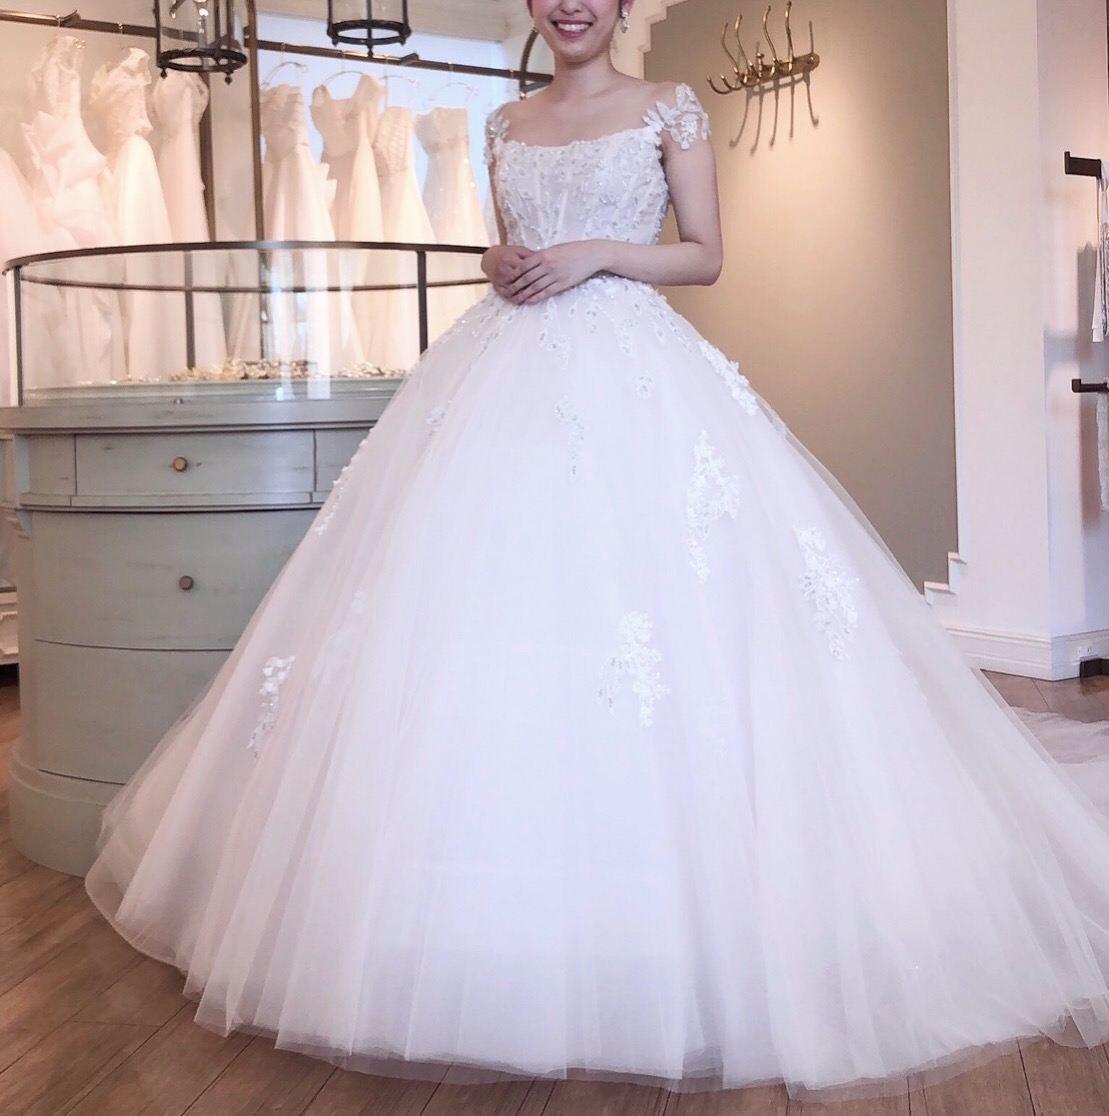 INES DI SANTO(イネスディサント) ピンクアイボリー ウェディングドレス